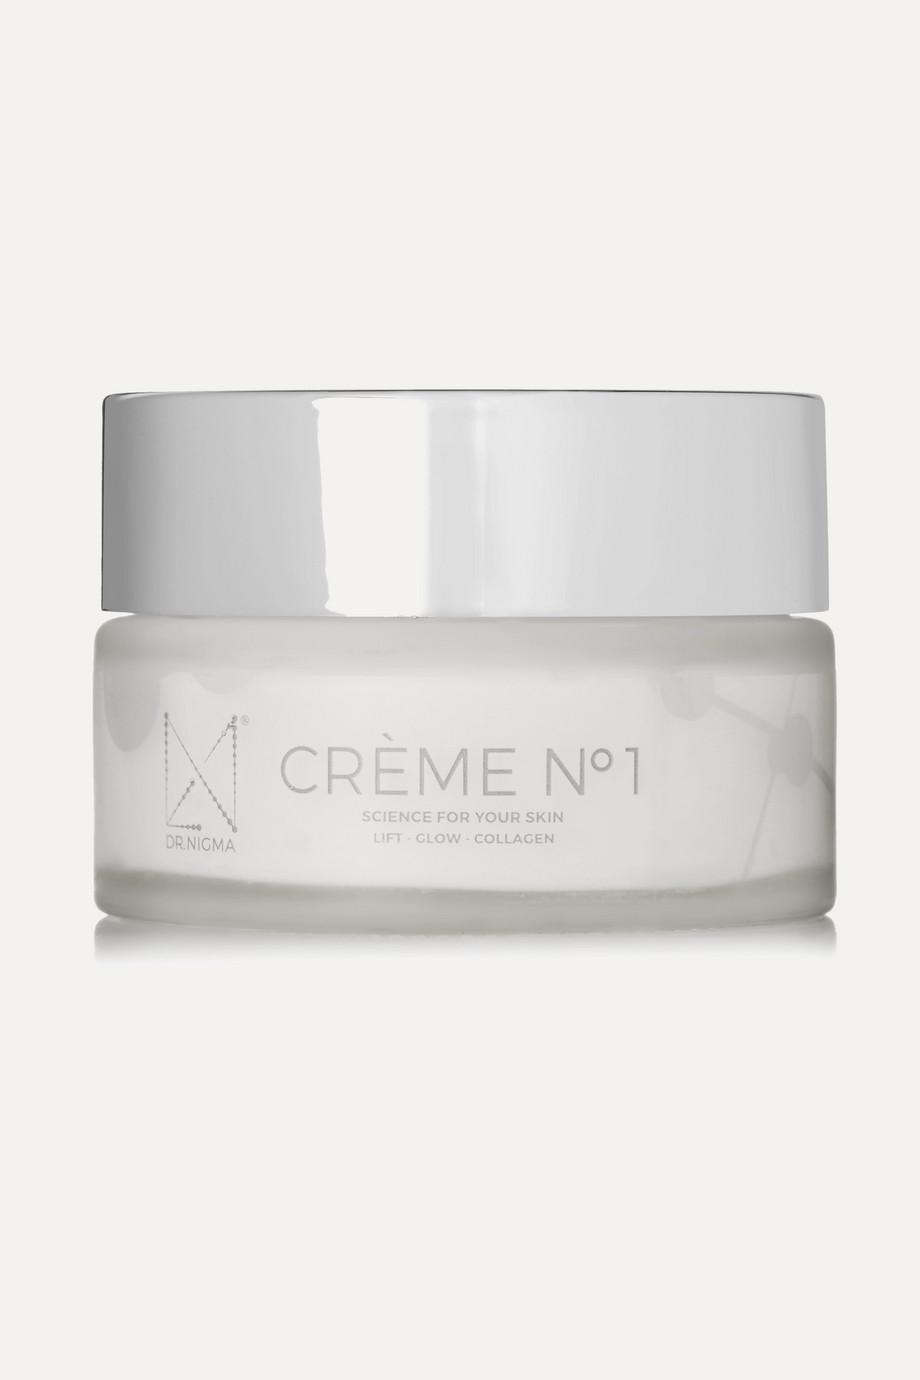 Dr. Nigma Talib Crème No1, 50ml